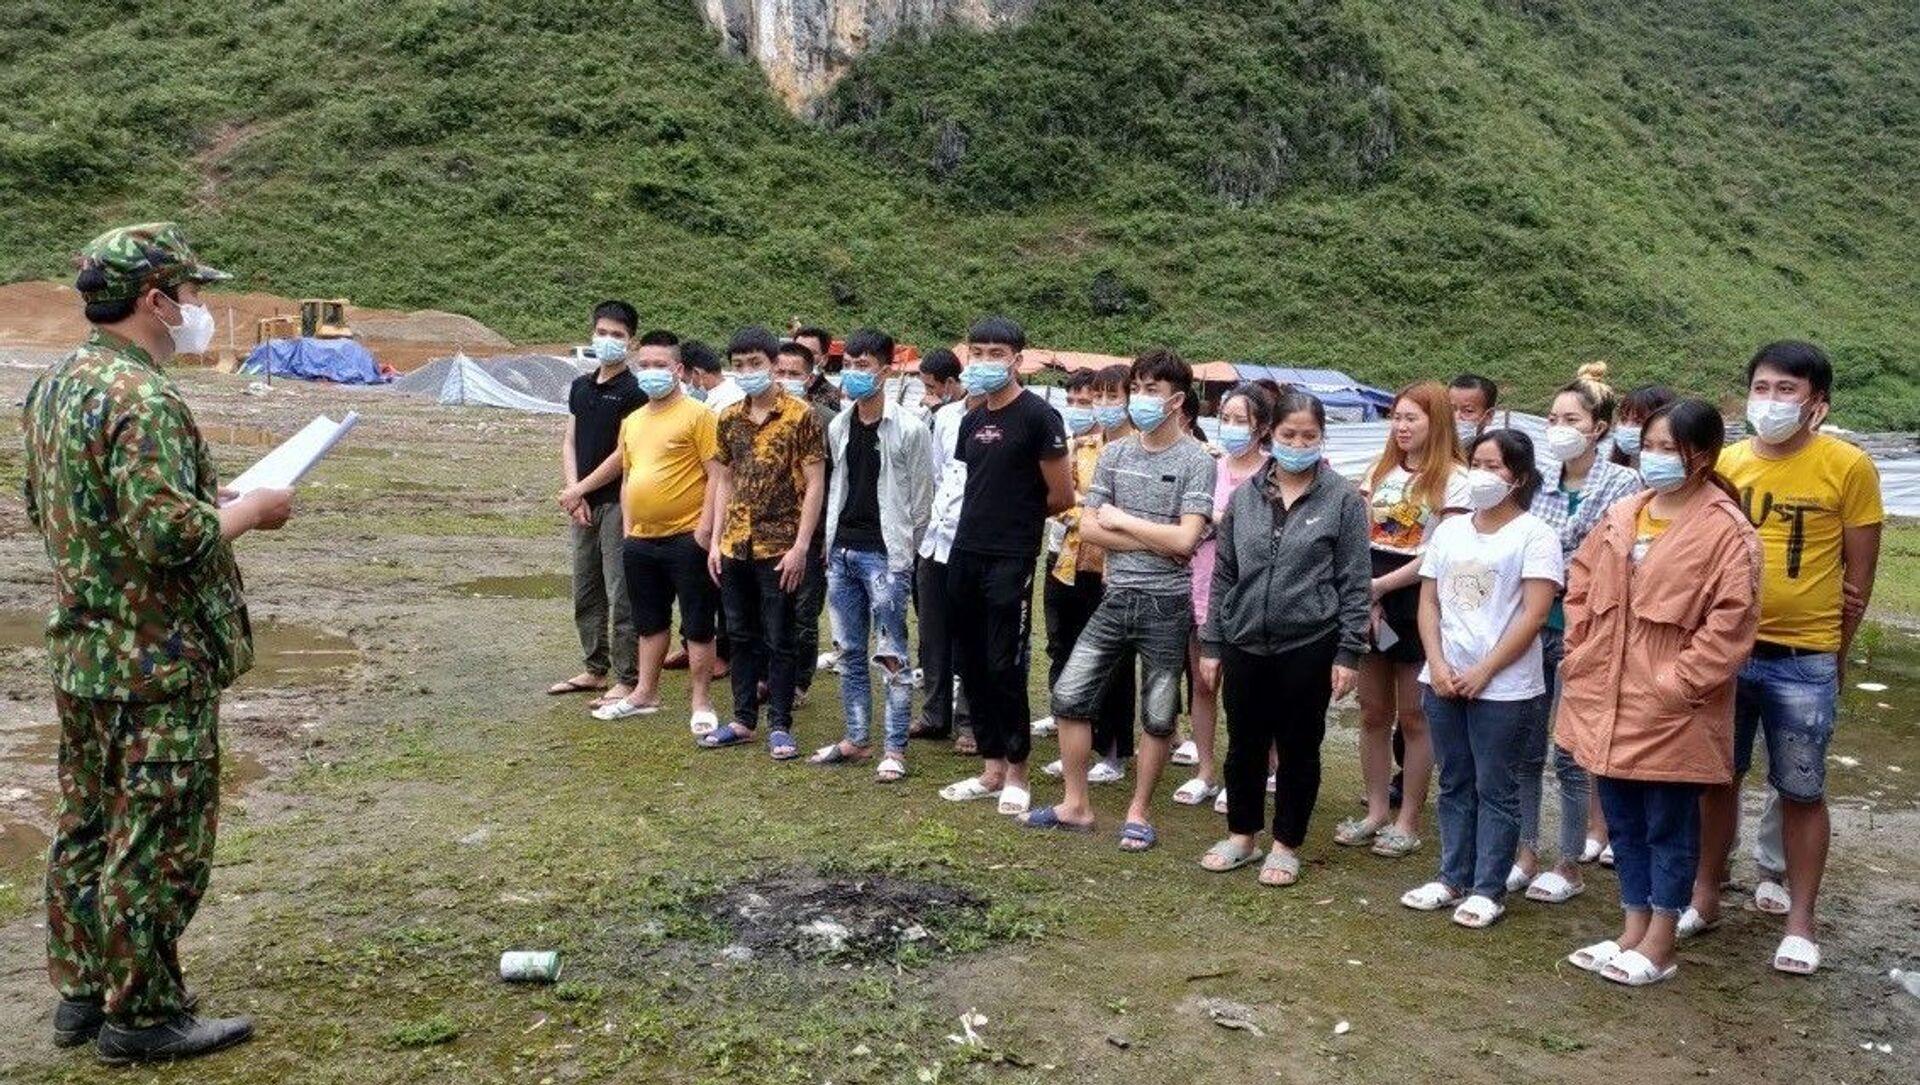 Các công dân nhập cảnh trái phép qua địa bàn xã Ngọc Chung, huyện Trùng Khánh, tỉnh Cao Bằng. - Sputnik Việt Nam, 1920, 06.05.2021